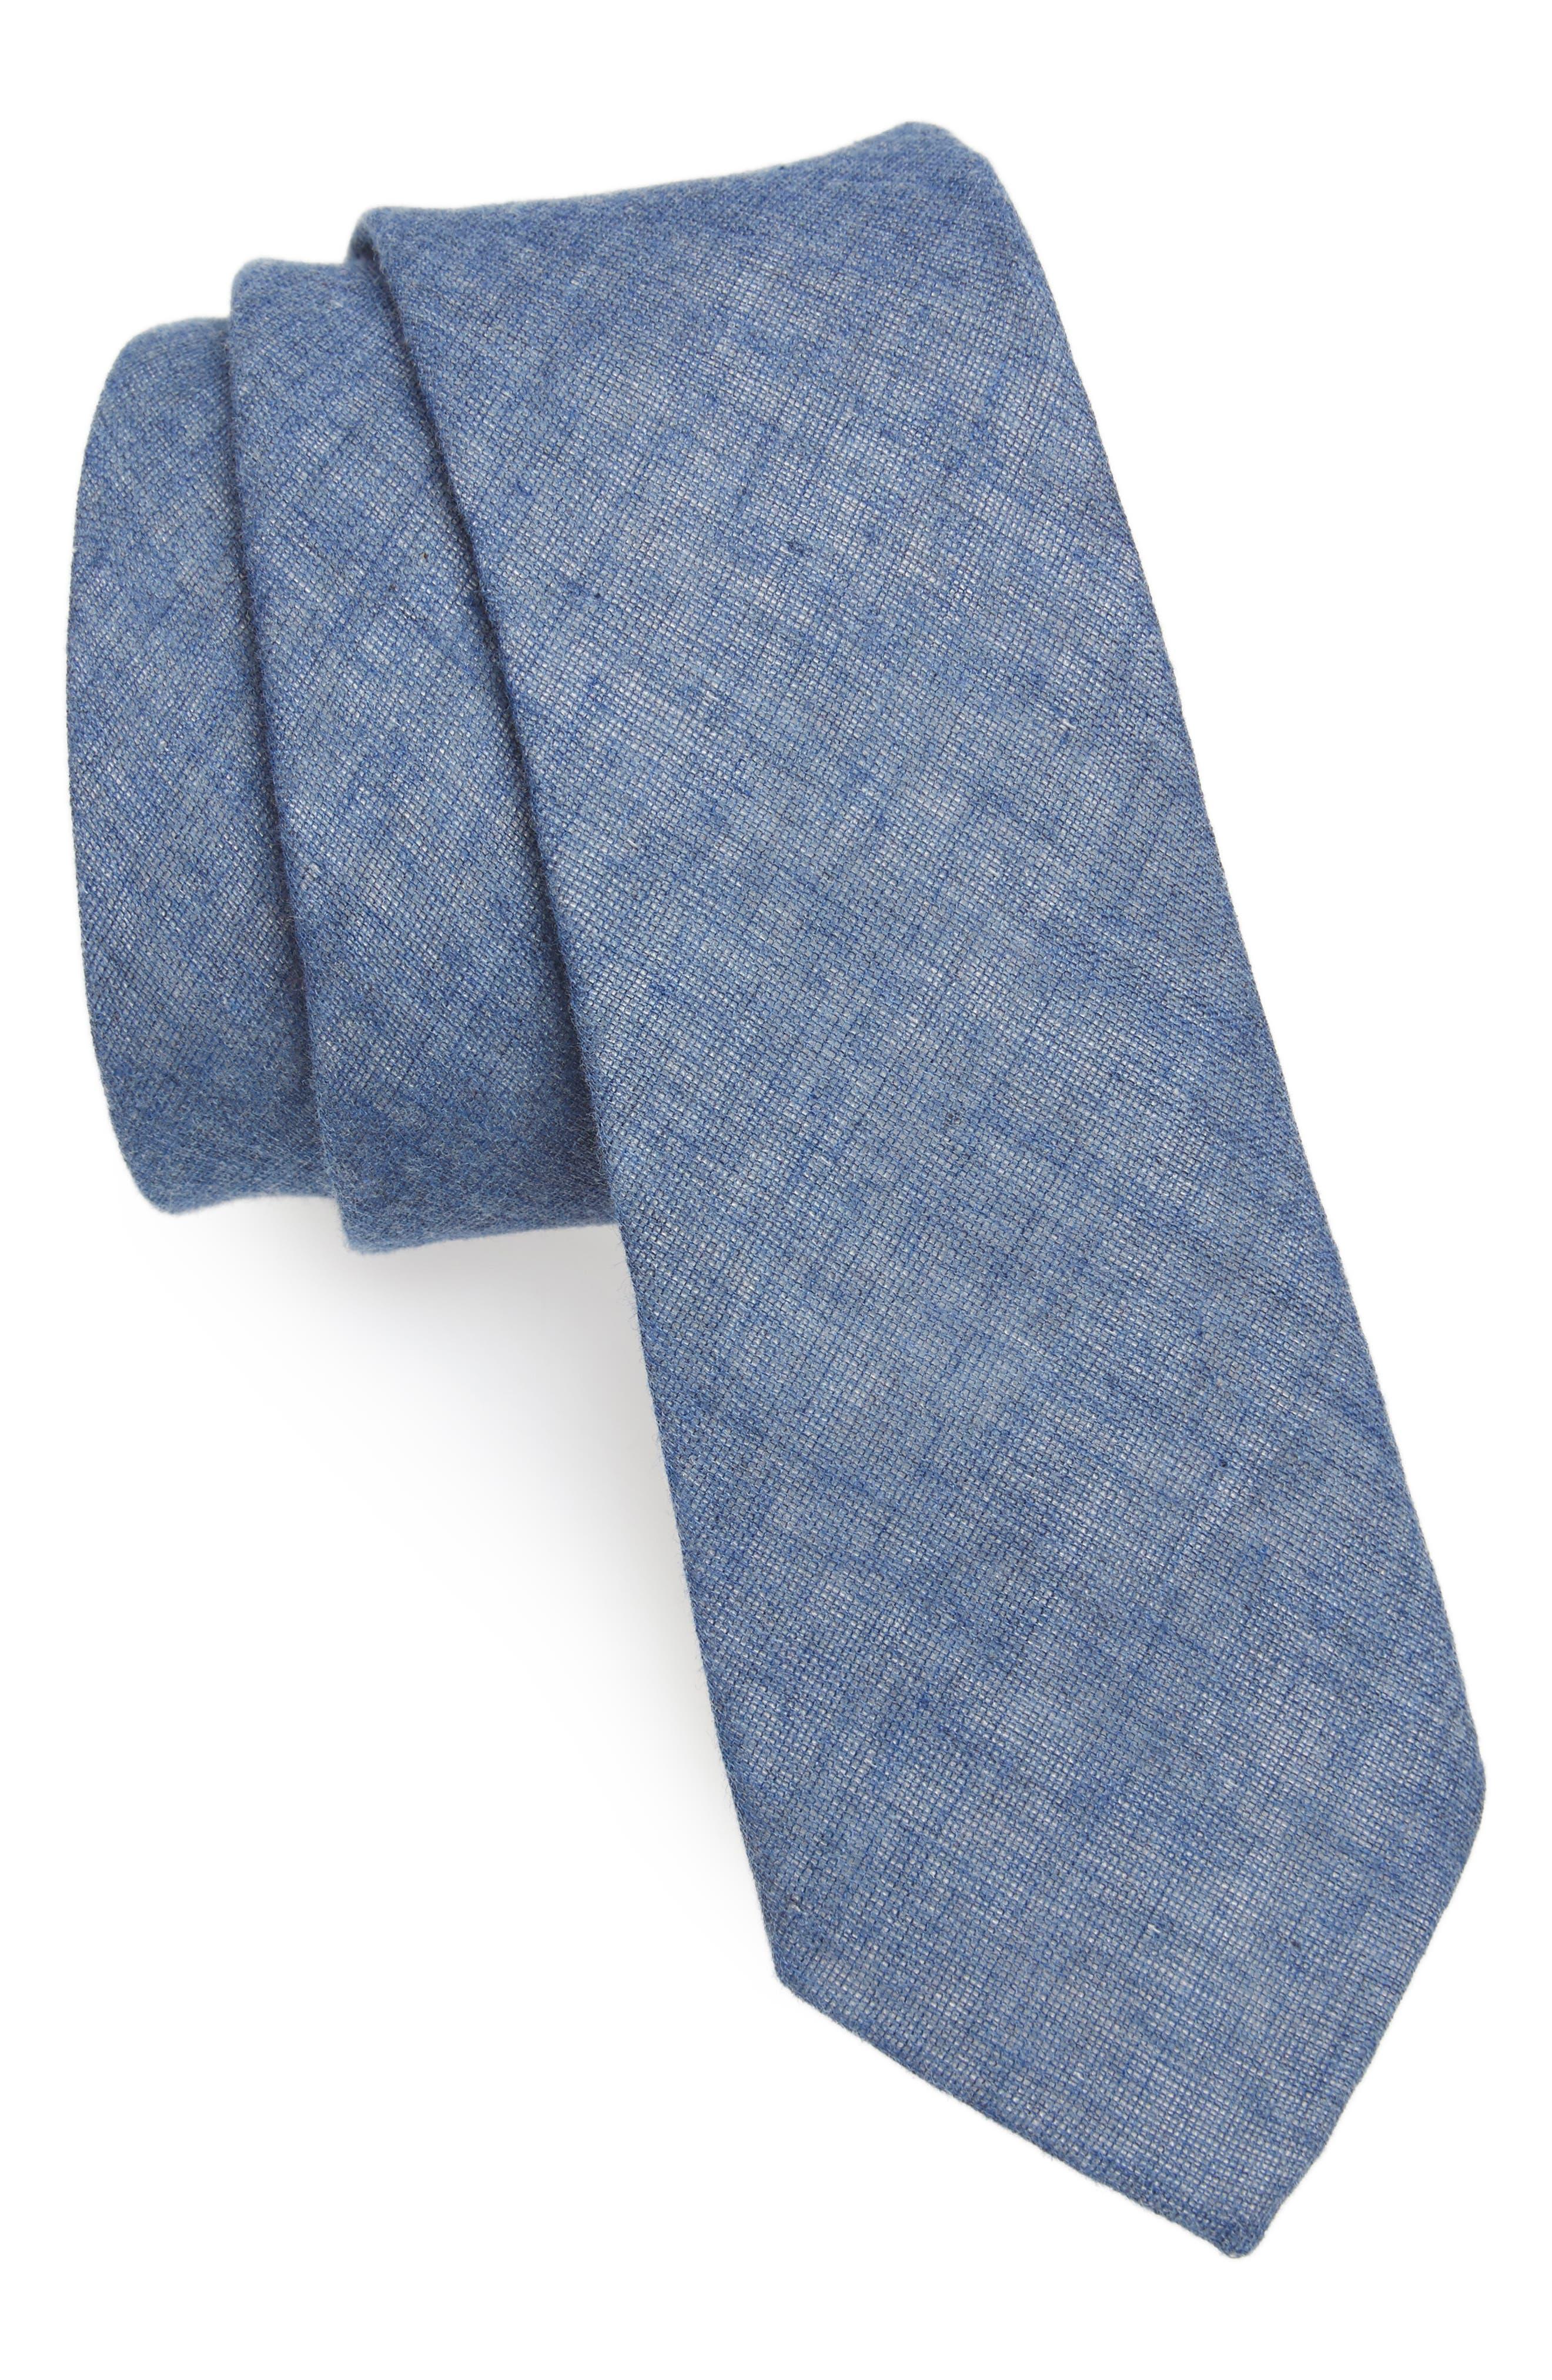 Bedell Solid Cotton Tie,                         Main,                         color, Navy